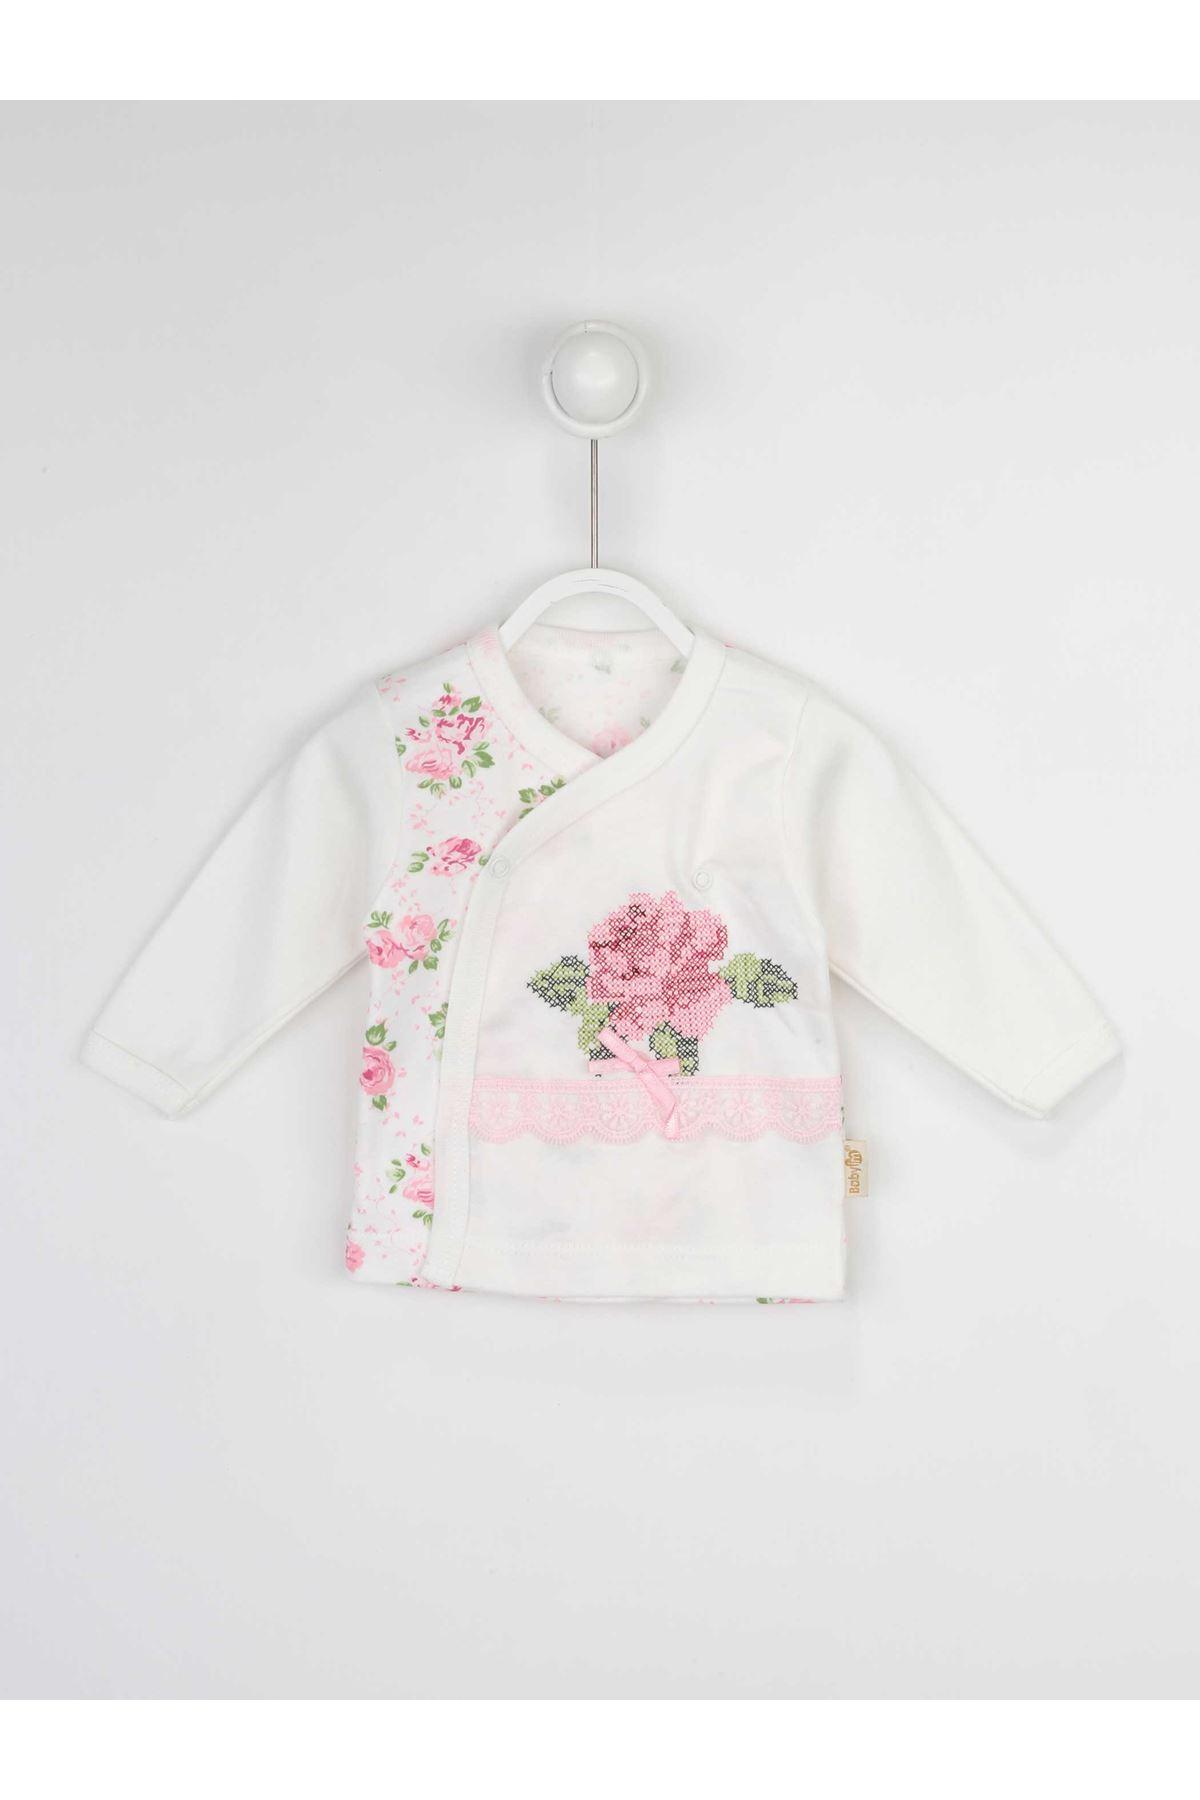 Beyaz Kız Bebek 3 lü Takım